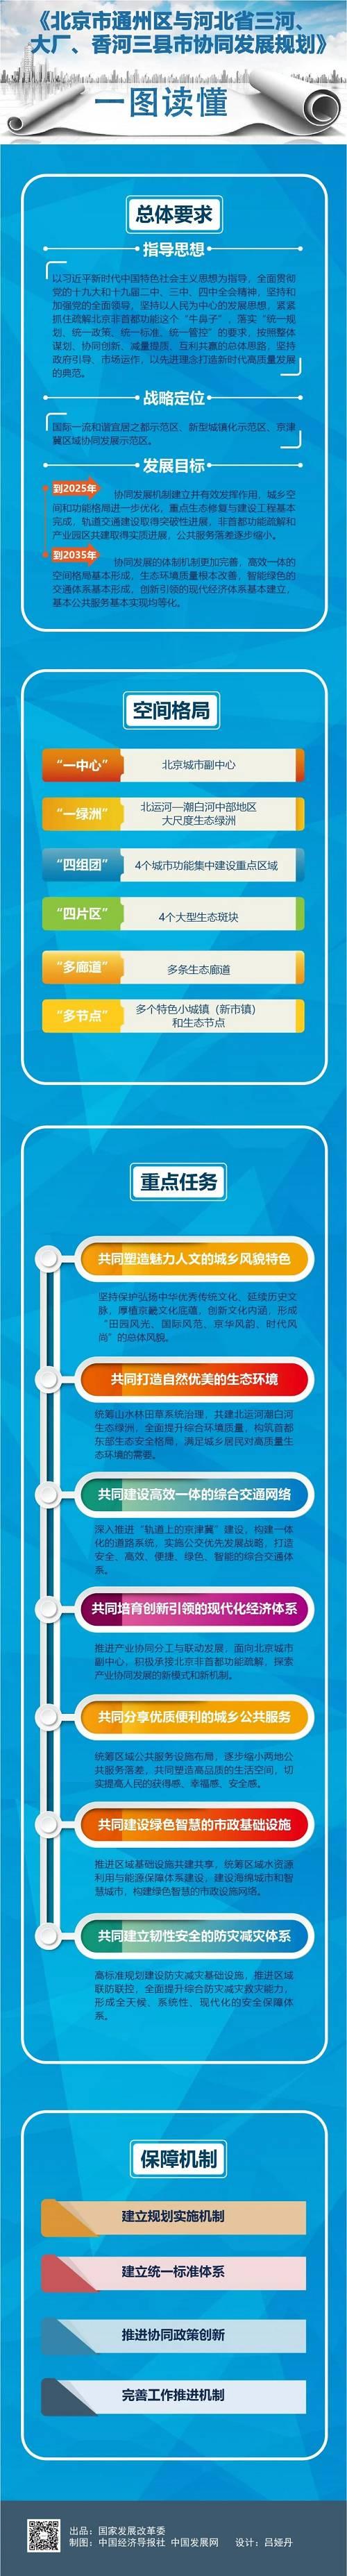 《北京市通州区与河北省三河、大厂、香河三县市协同发展规划》